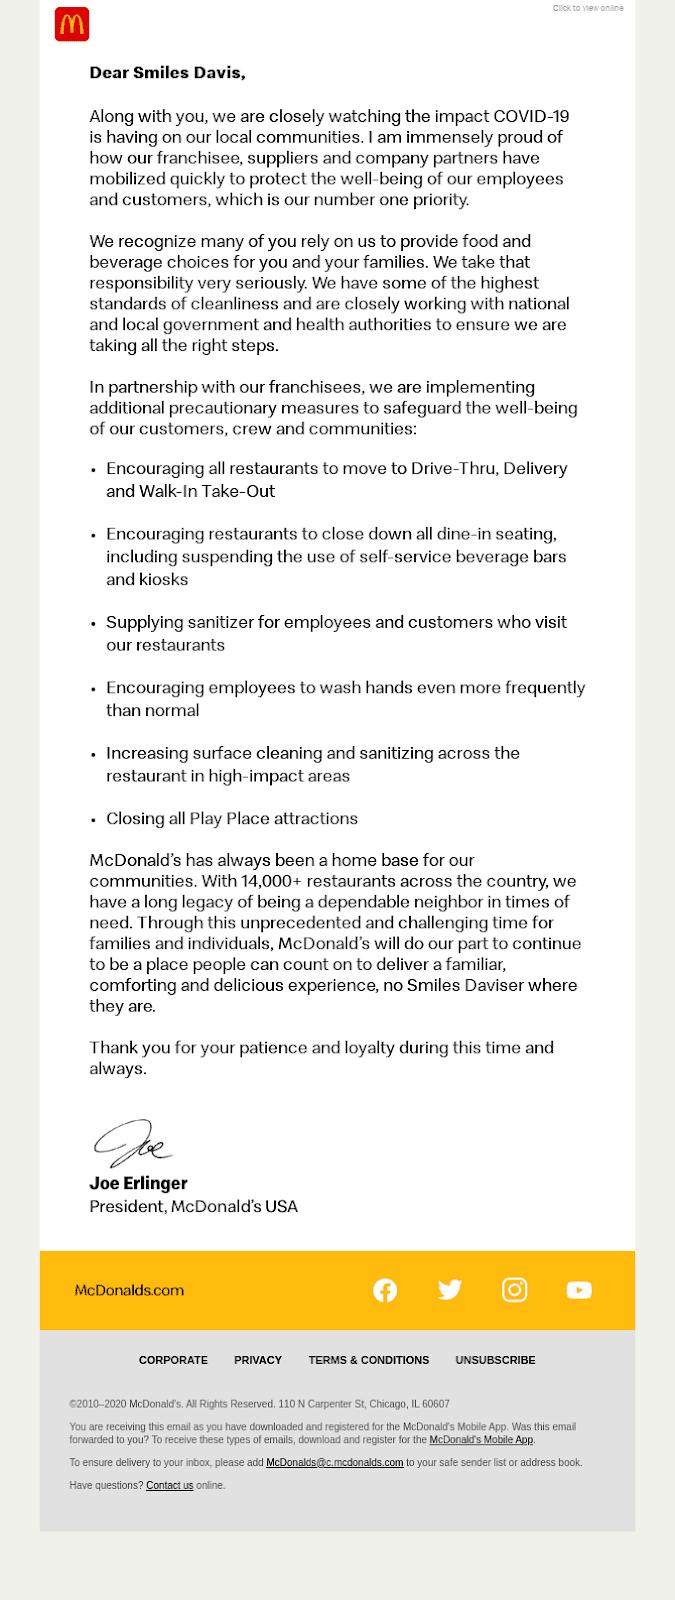 Обращение от президента компании McDonald's в Америке в связи с пандемией Covid-19. В письме речь идет о том, что изменится в работе всех ресторанов сети на время карантина